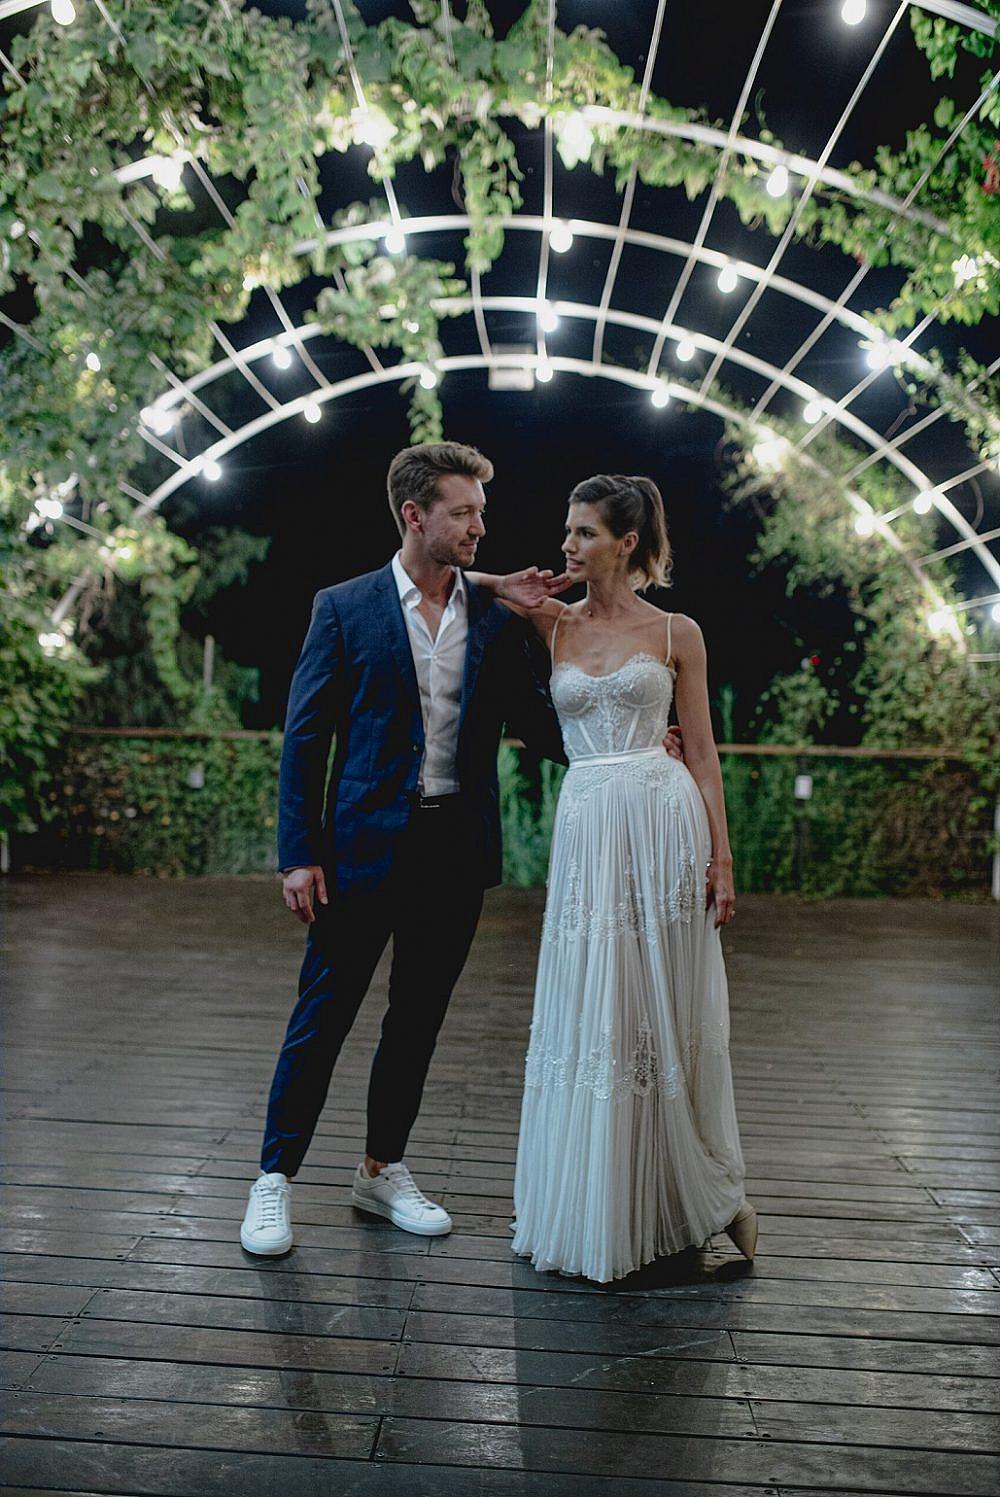 החתונה של דניס והדר | צילום: קובי מהגר